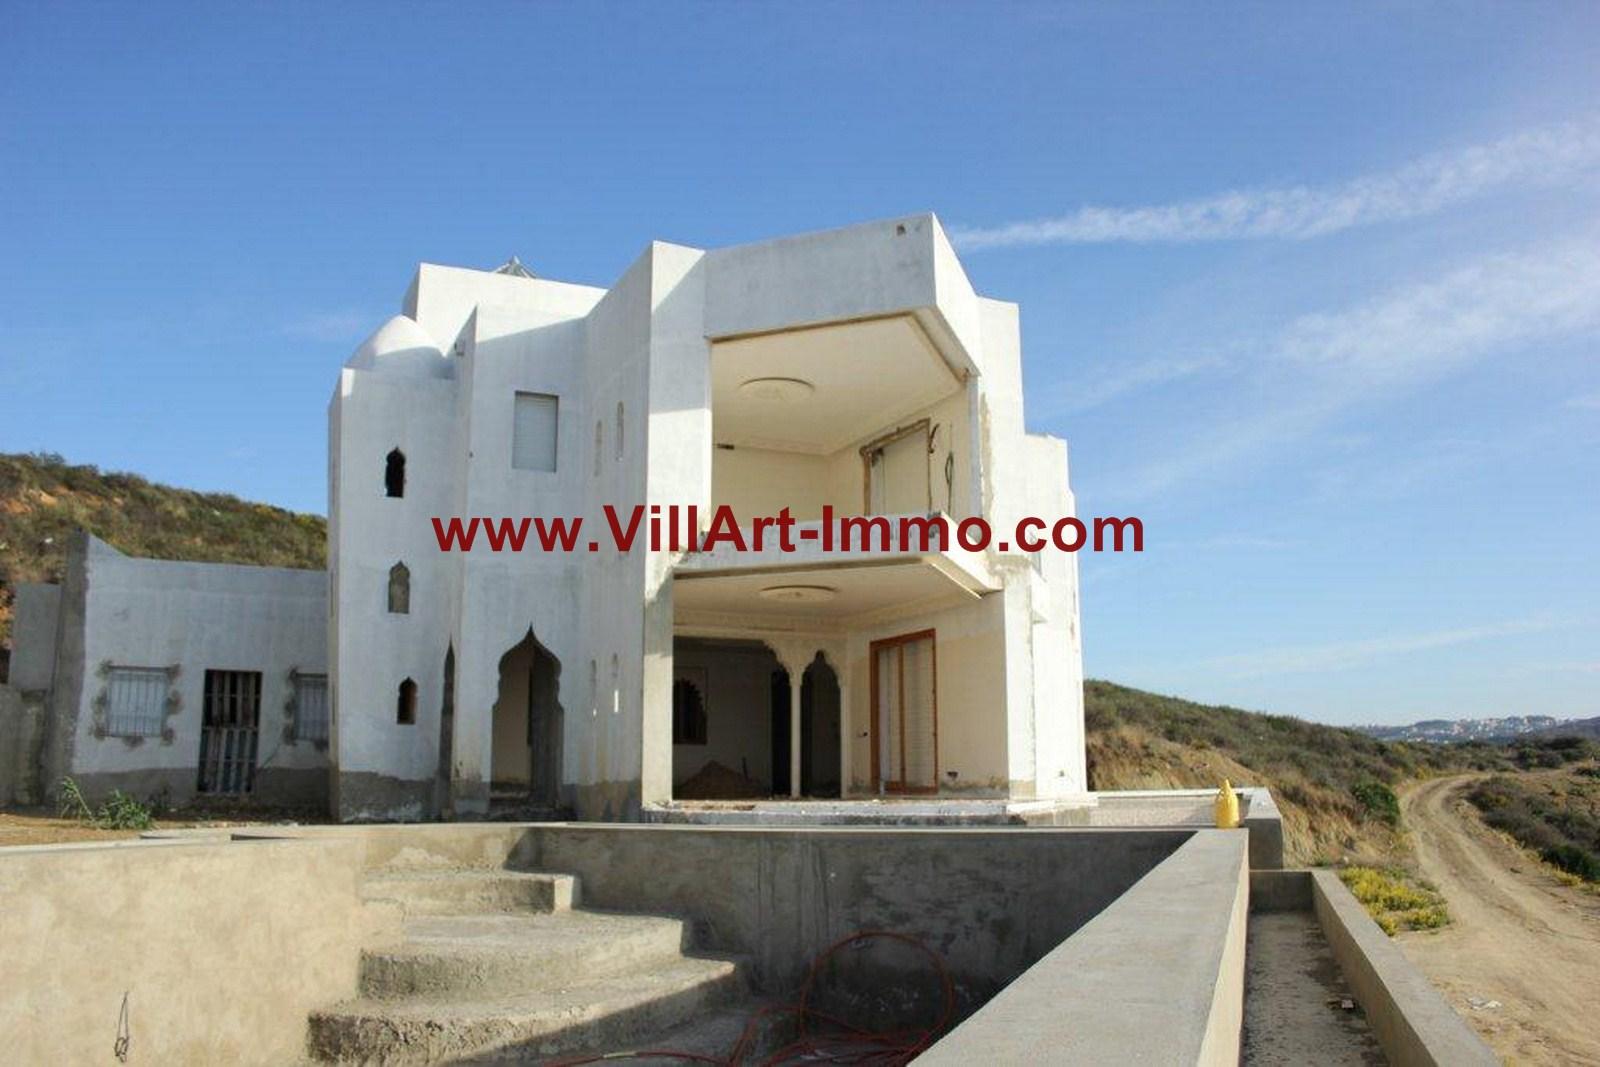 1-Vente-Villa-Tanger-Villa 1 -VV270-VIllart-Immo